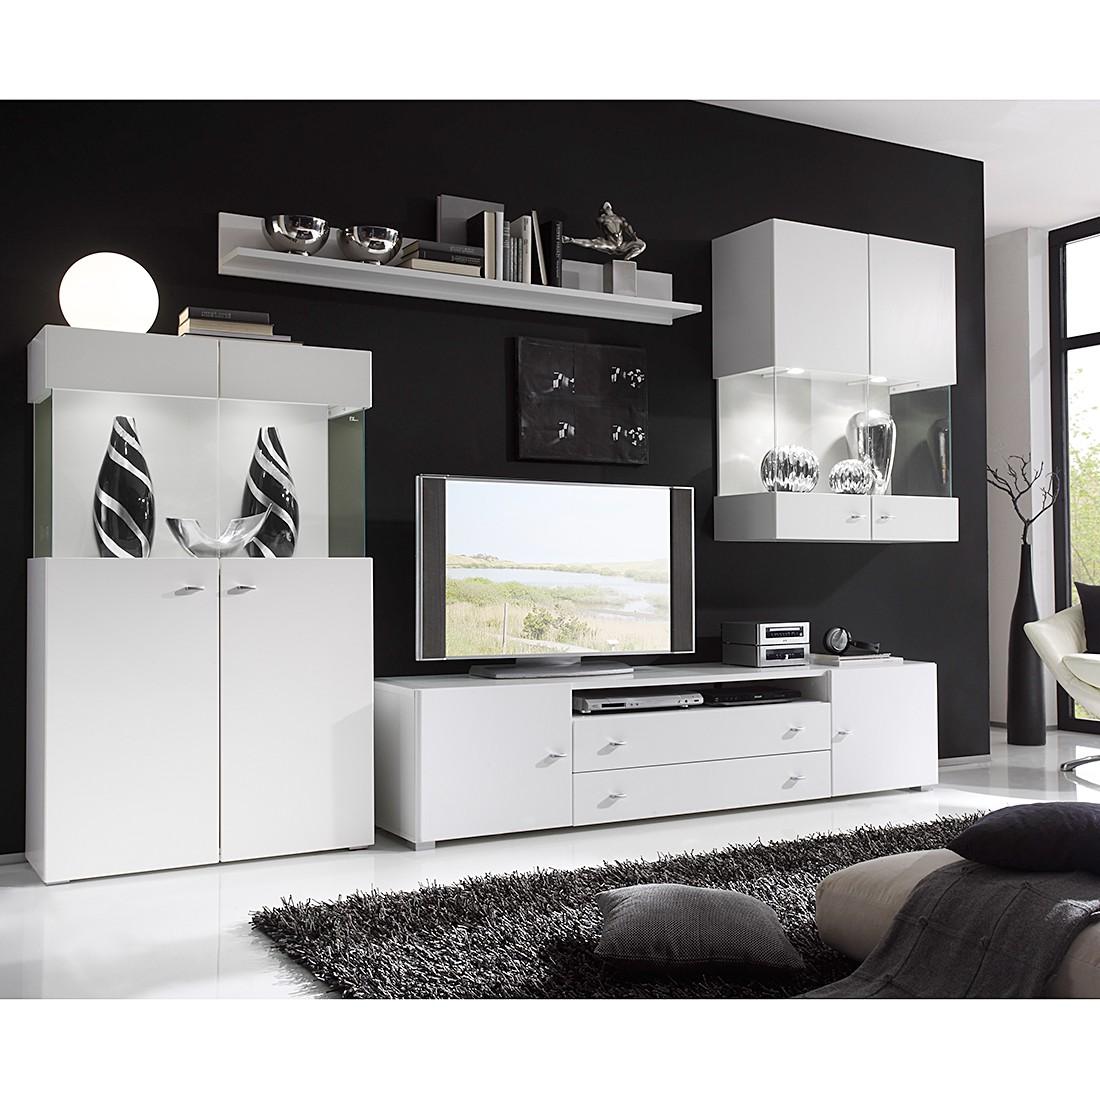 EEK A+, Wohnwand Swap I (4-teilig) – Weiß – Mit Beleuchtung, Modoform bestellen